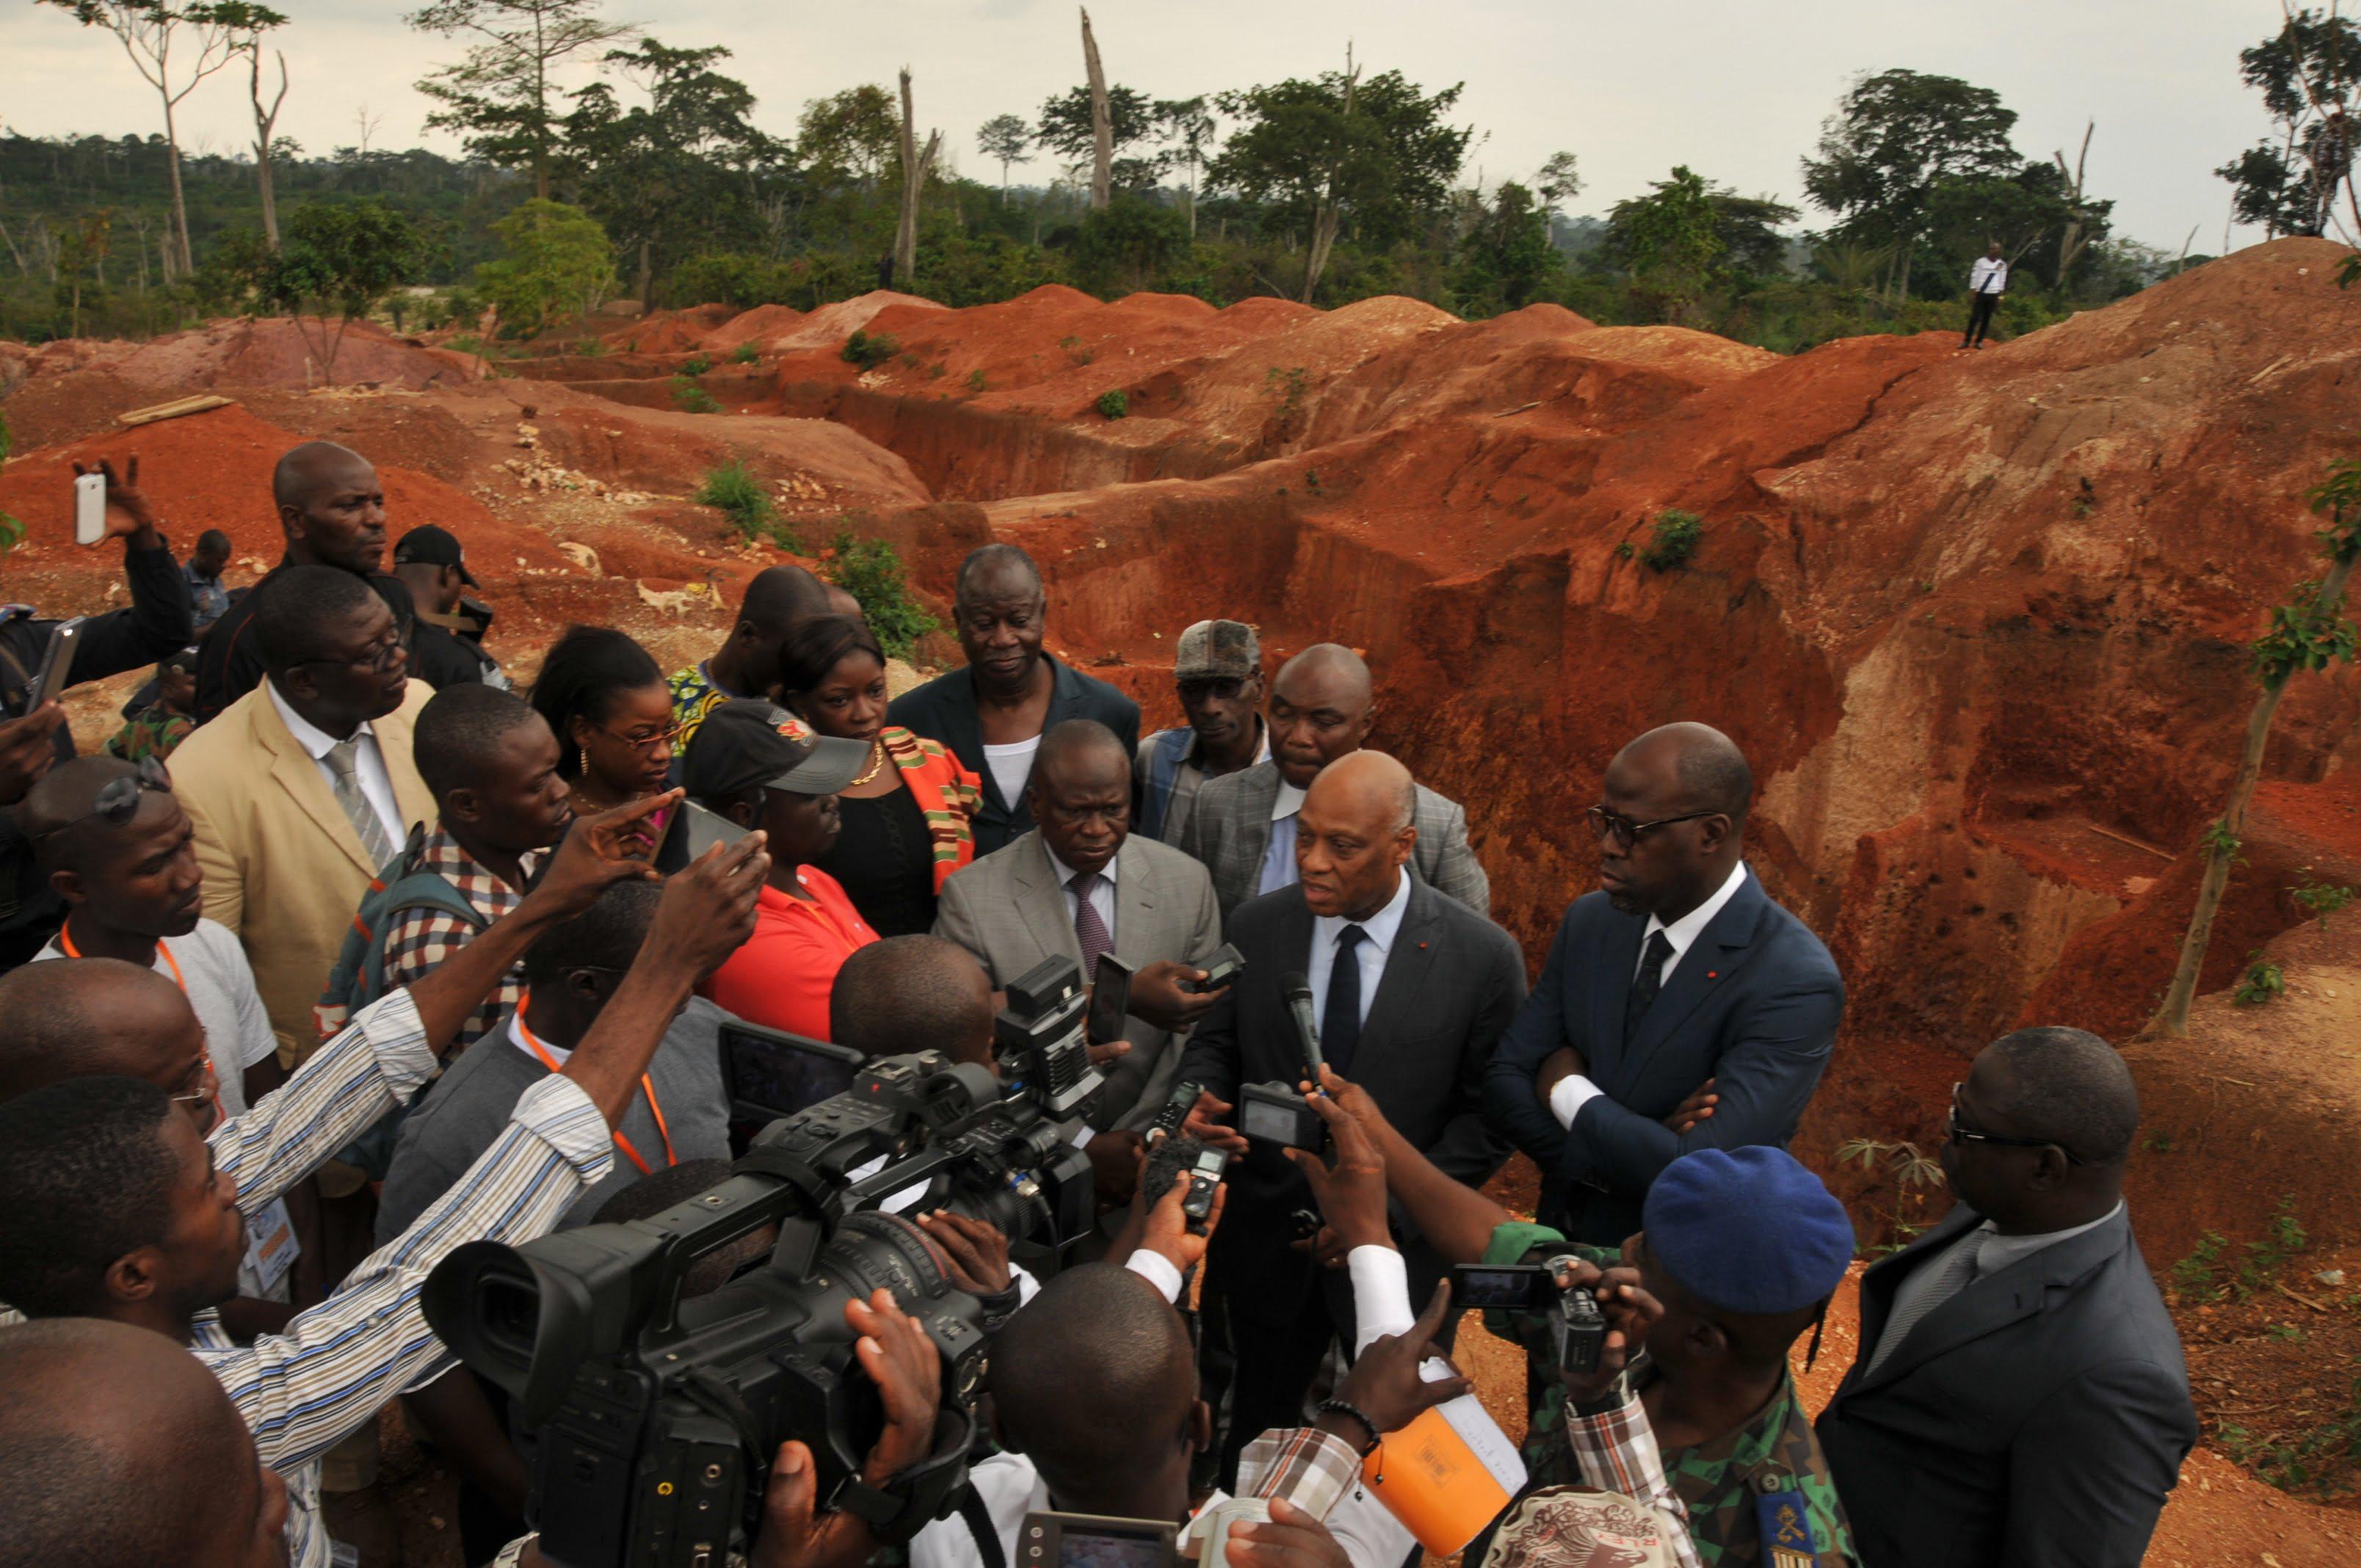 """Résultat de recherche d'images pour """"Côte d'Ivoire, orpaillage clandestin"""""""